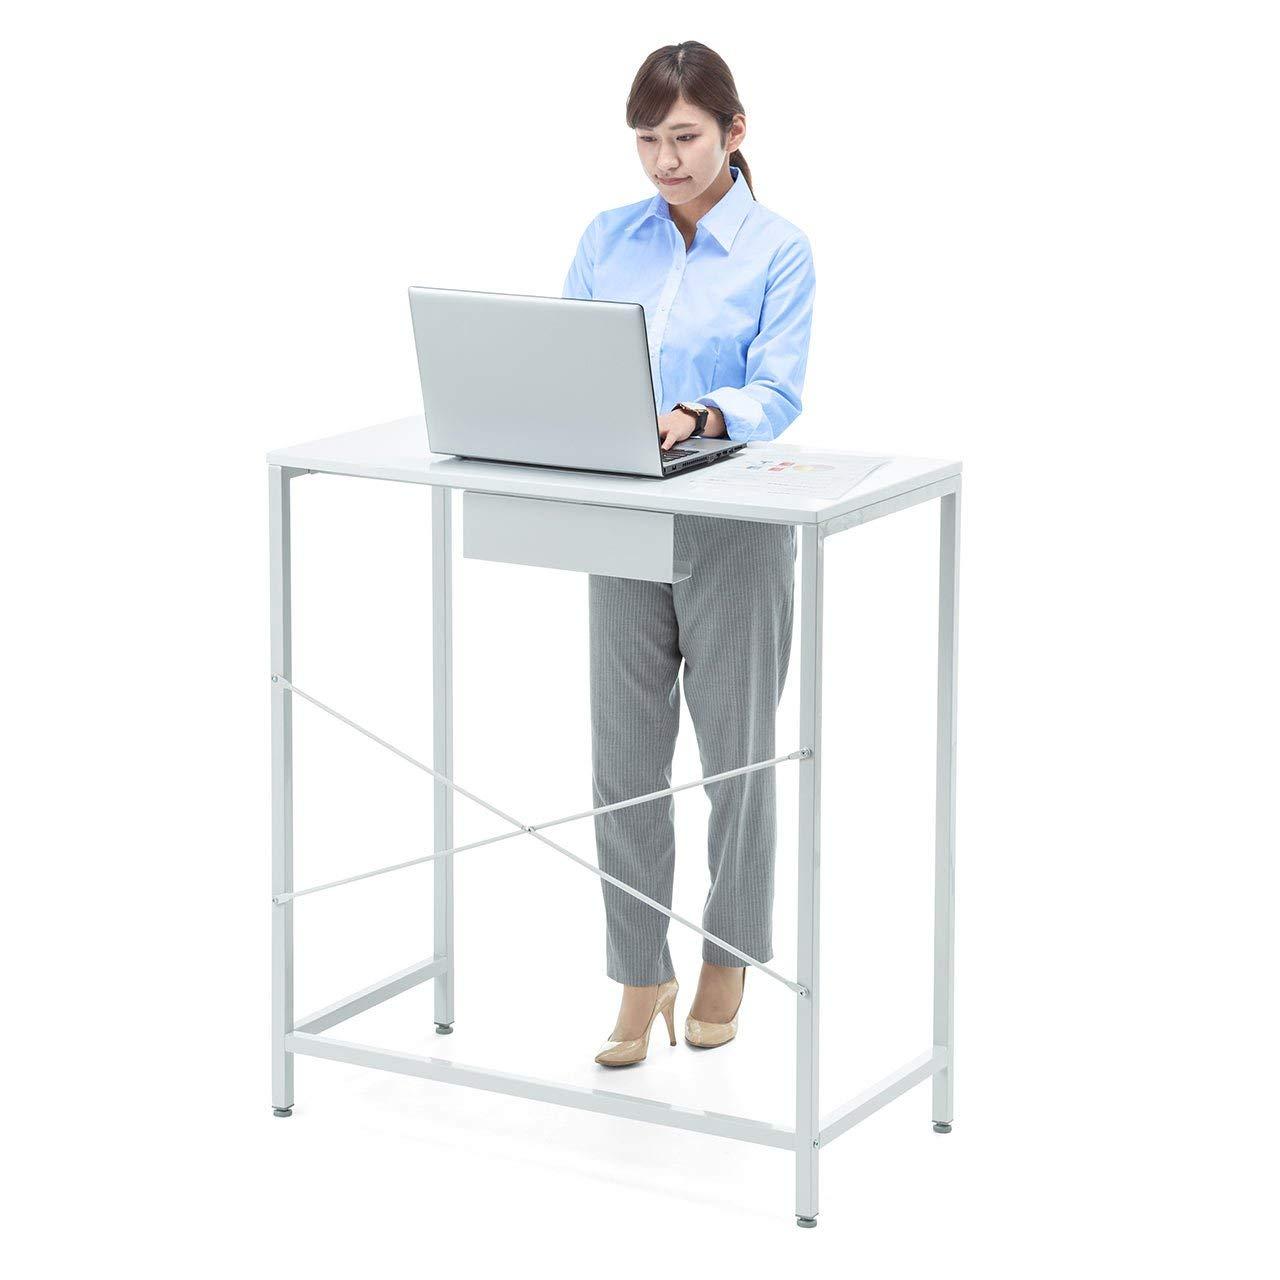 スタンディングデスクのおすすめ11選!昇降式や机に置くタイプも